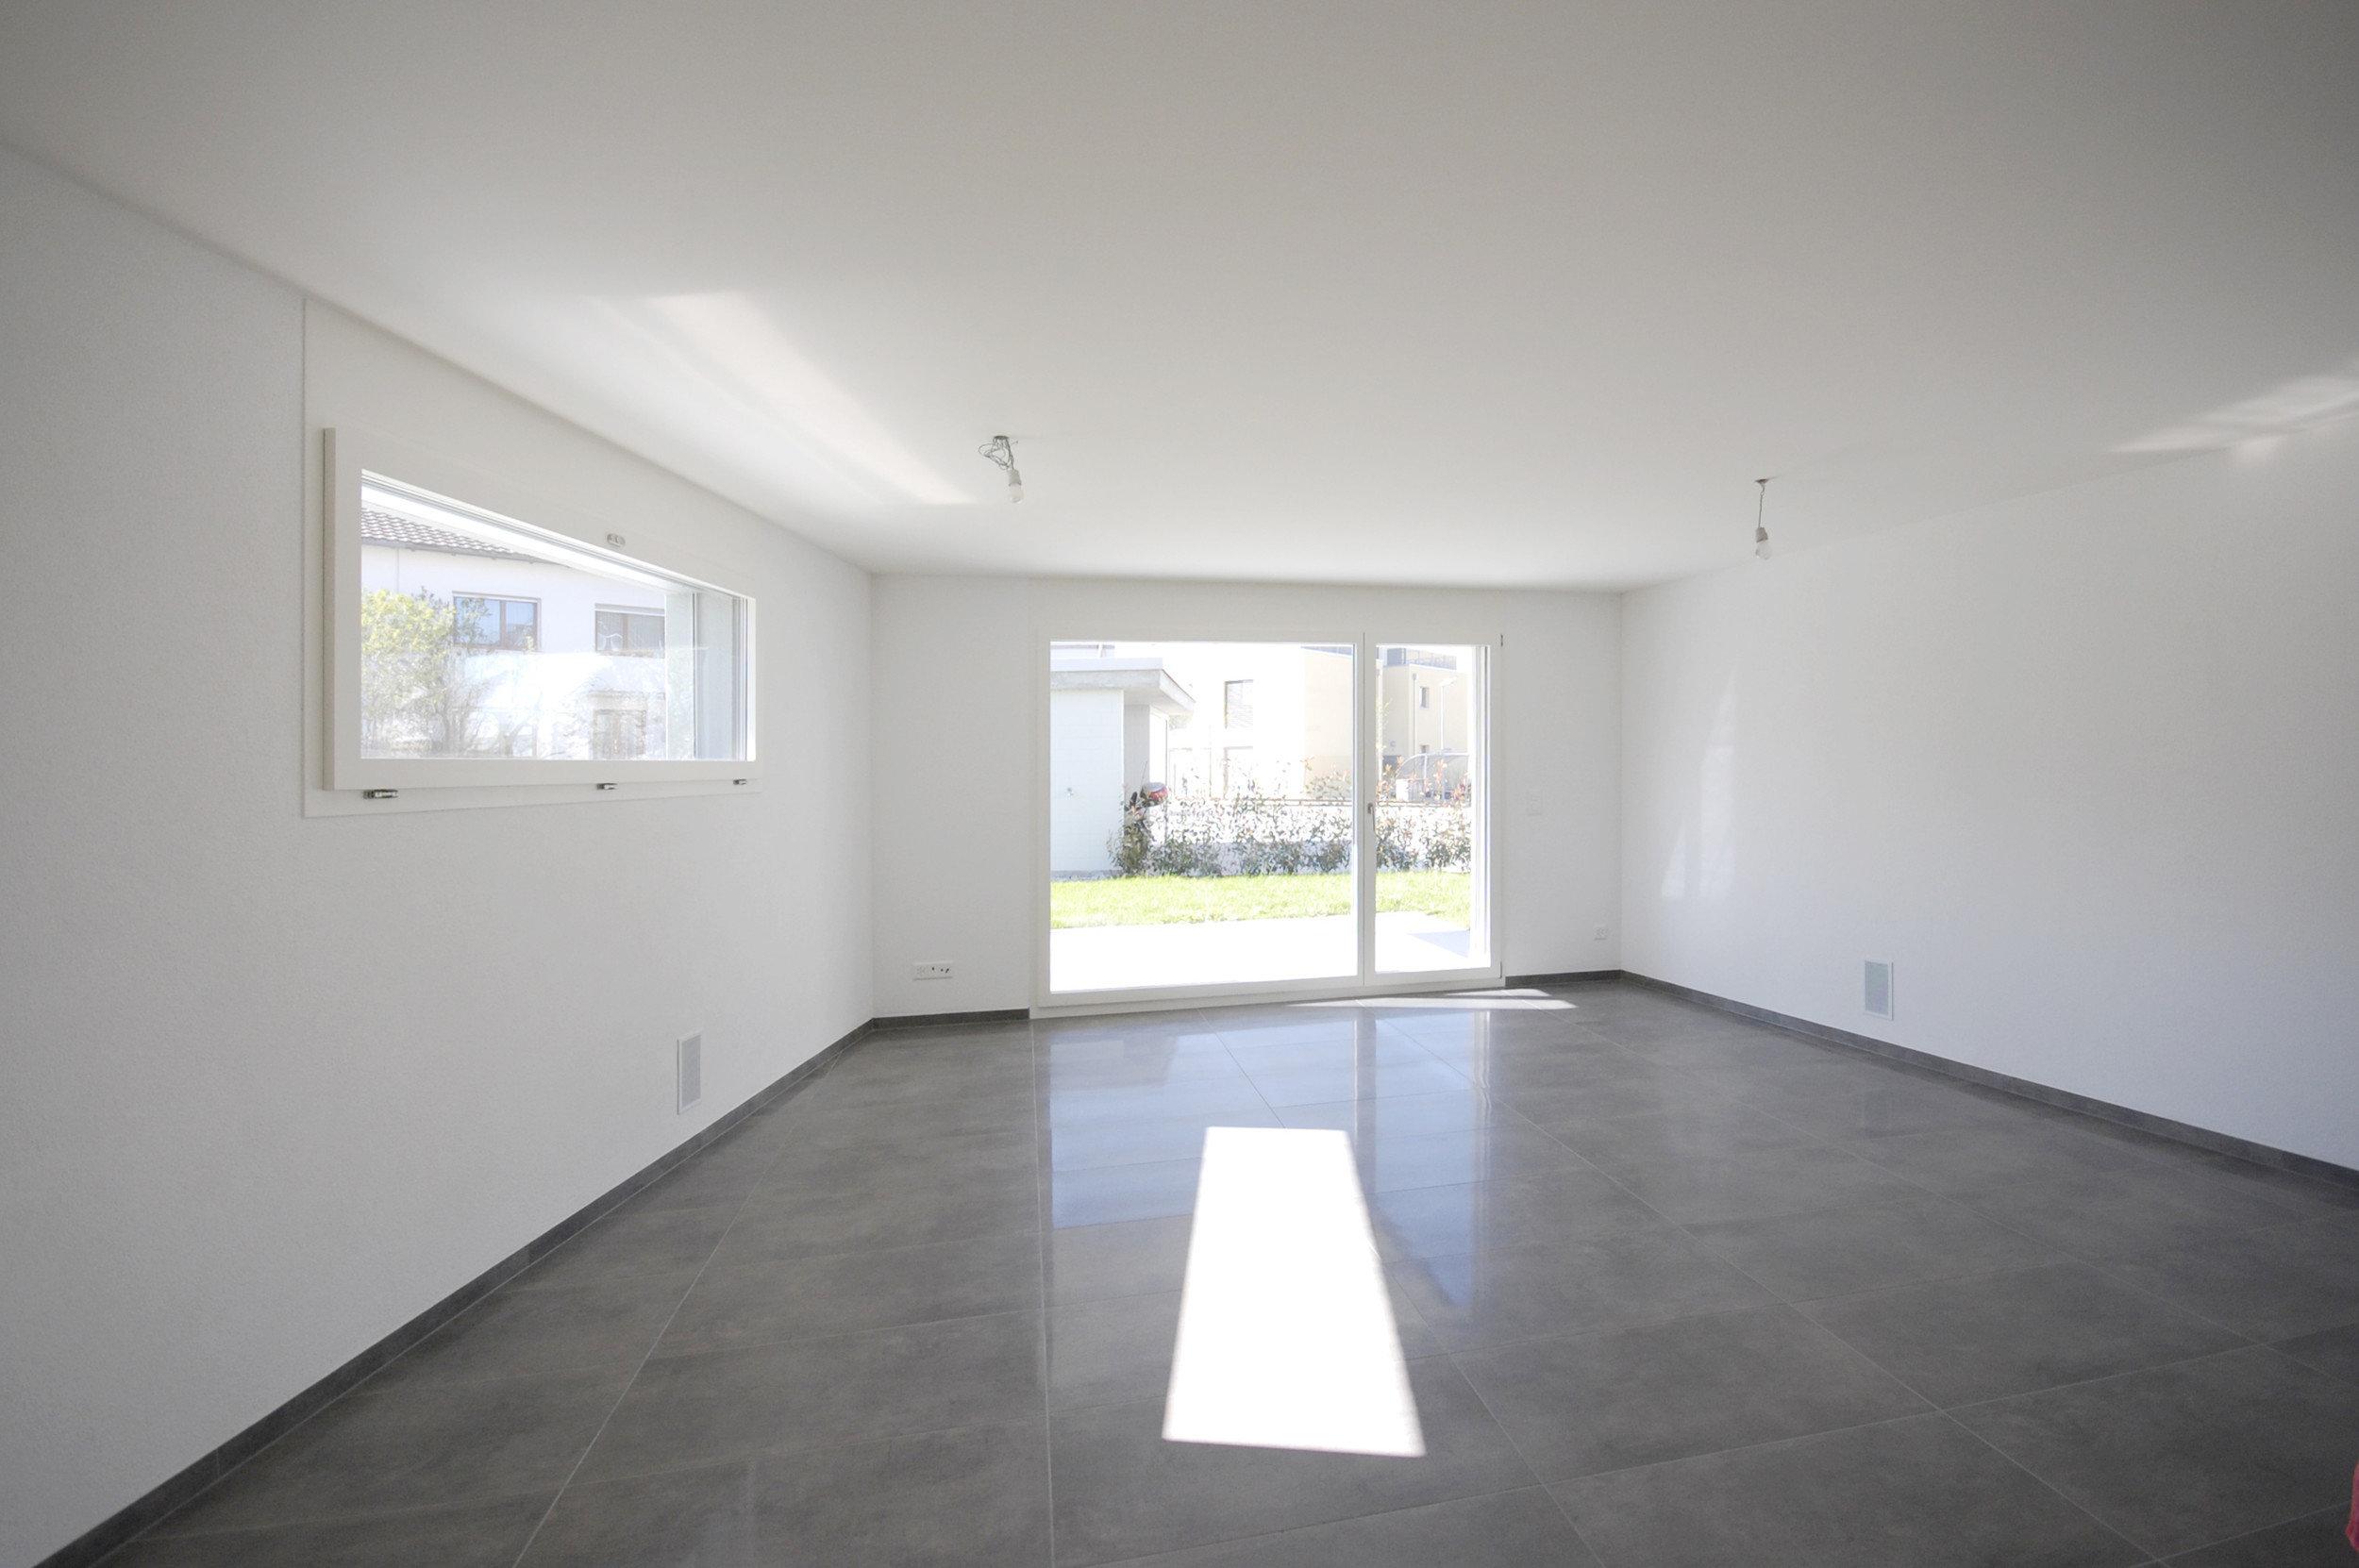 Lichtdurchflutete Raum trotz wenig Fensterfläche